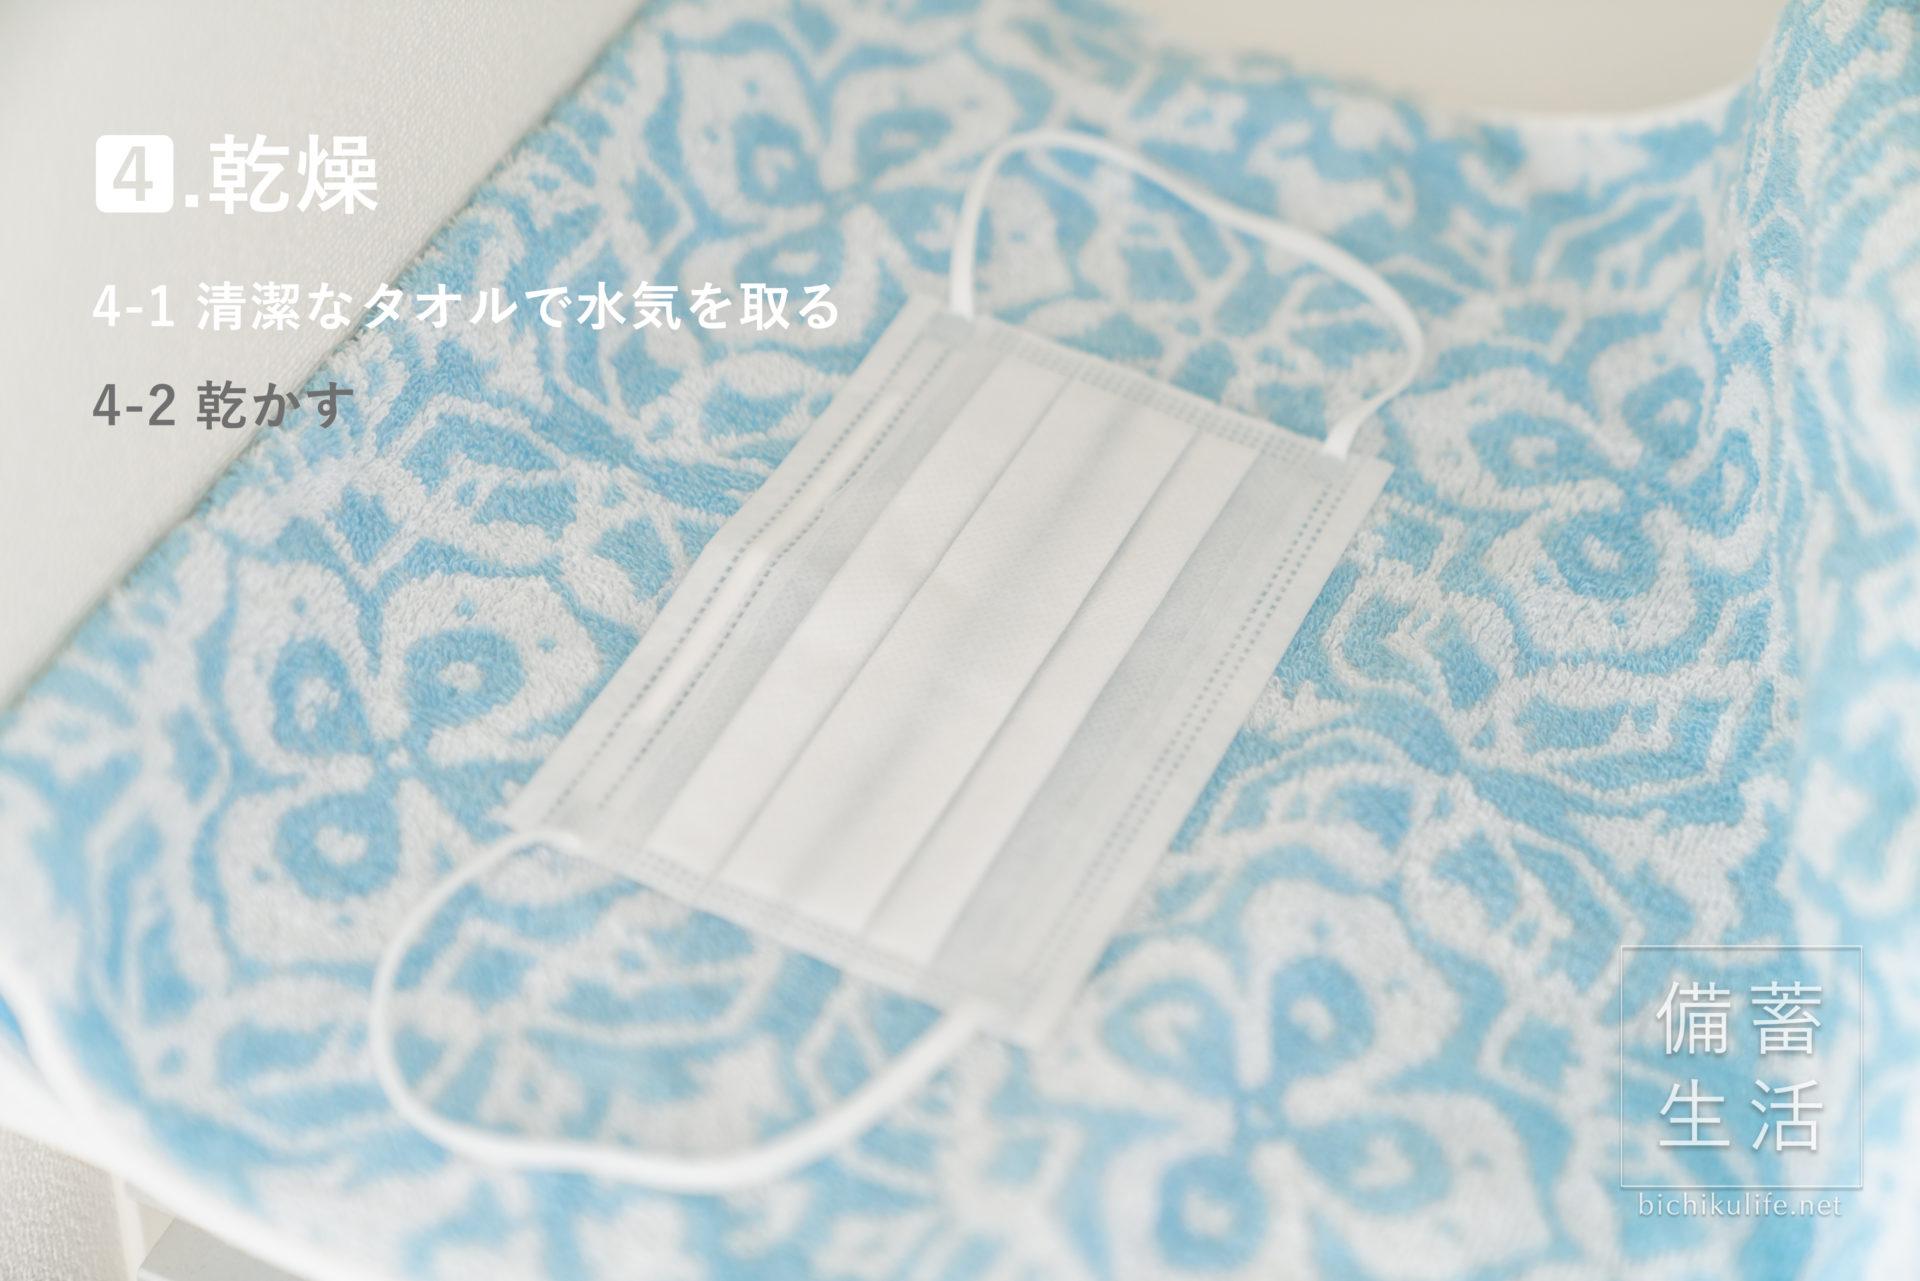 不織布マスクの洗濯方法 4.乾燥 4-1 清潔なタオルで水気を取る